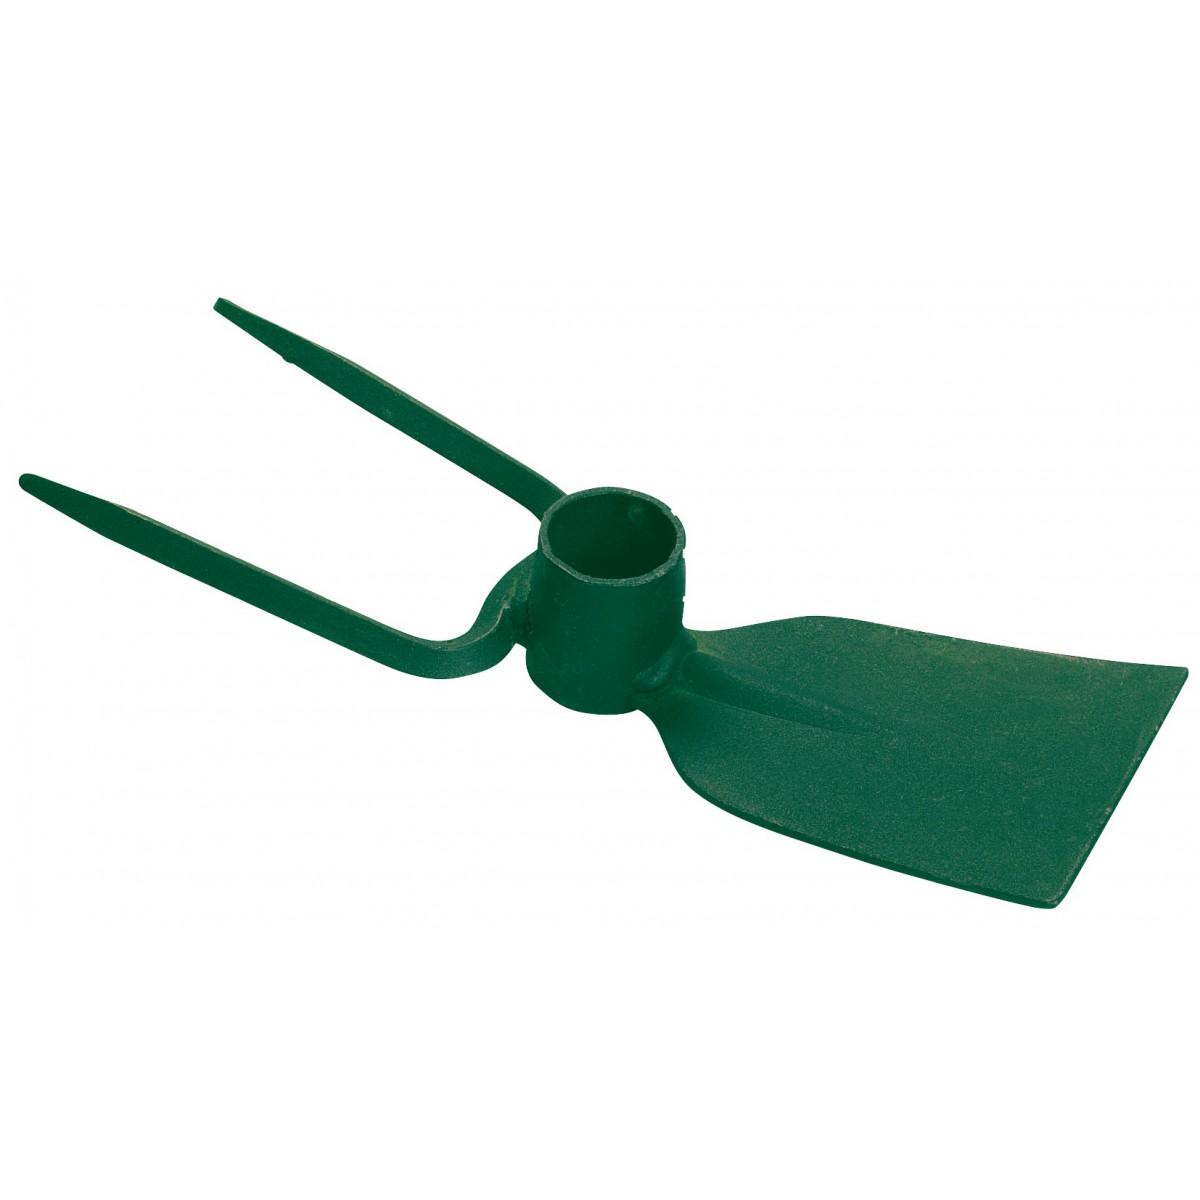 Serfouette panne et fourche Cap Vert - Sans manche soudée